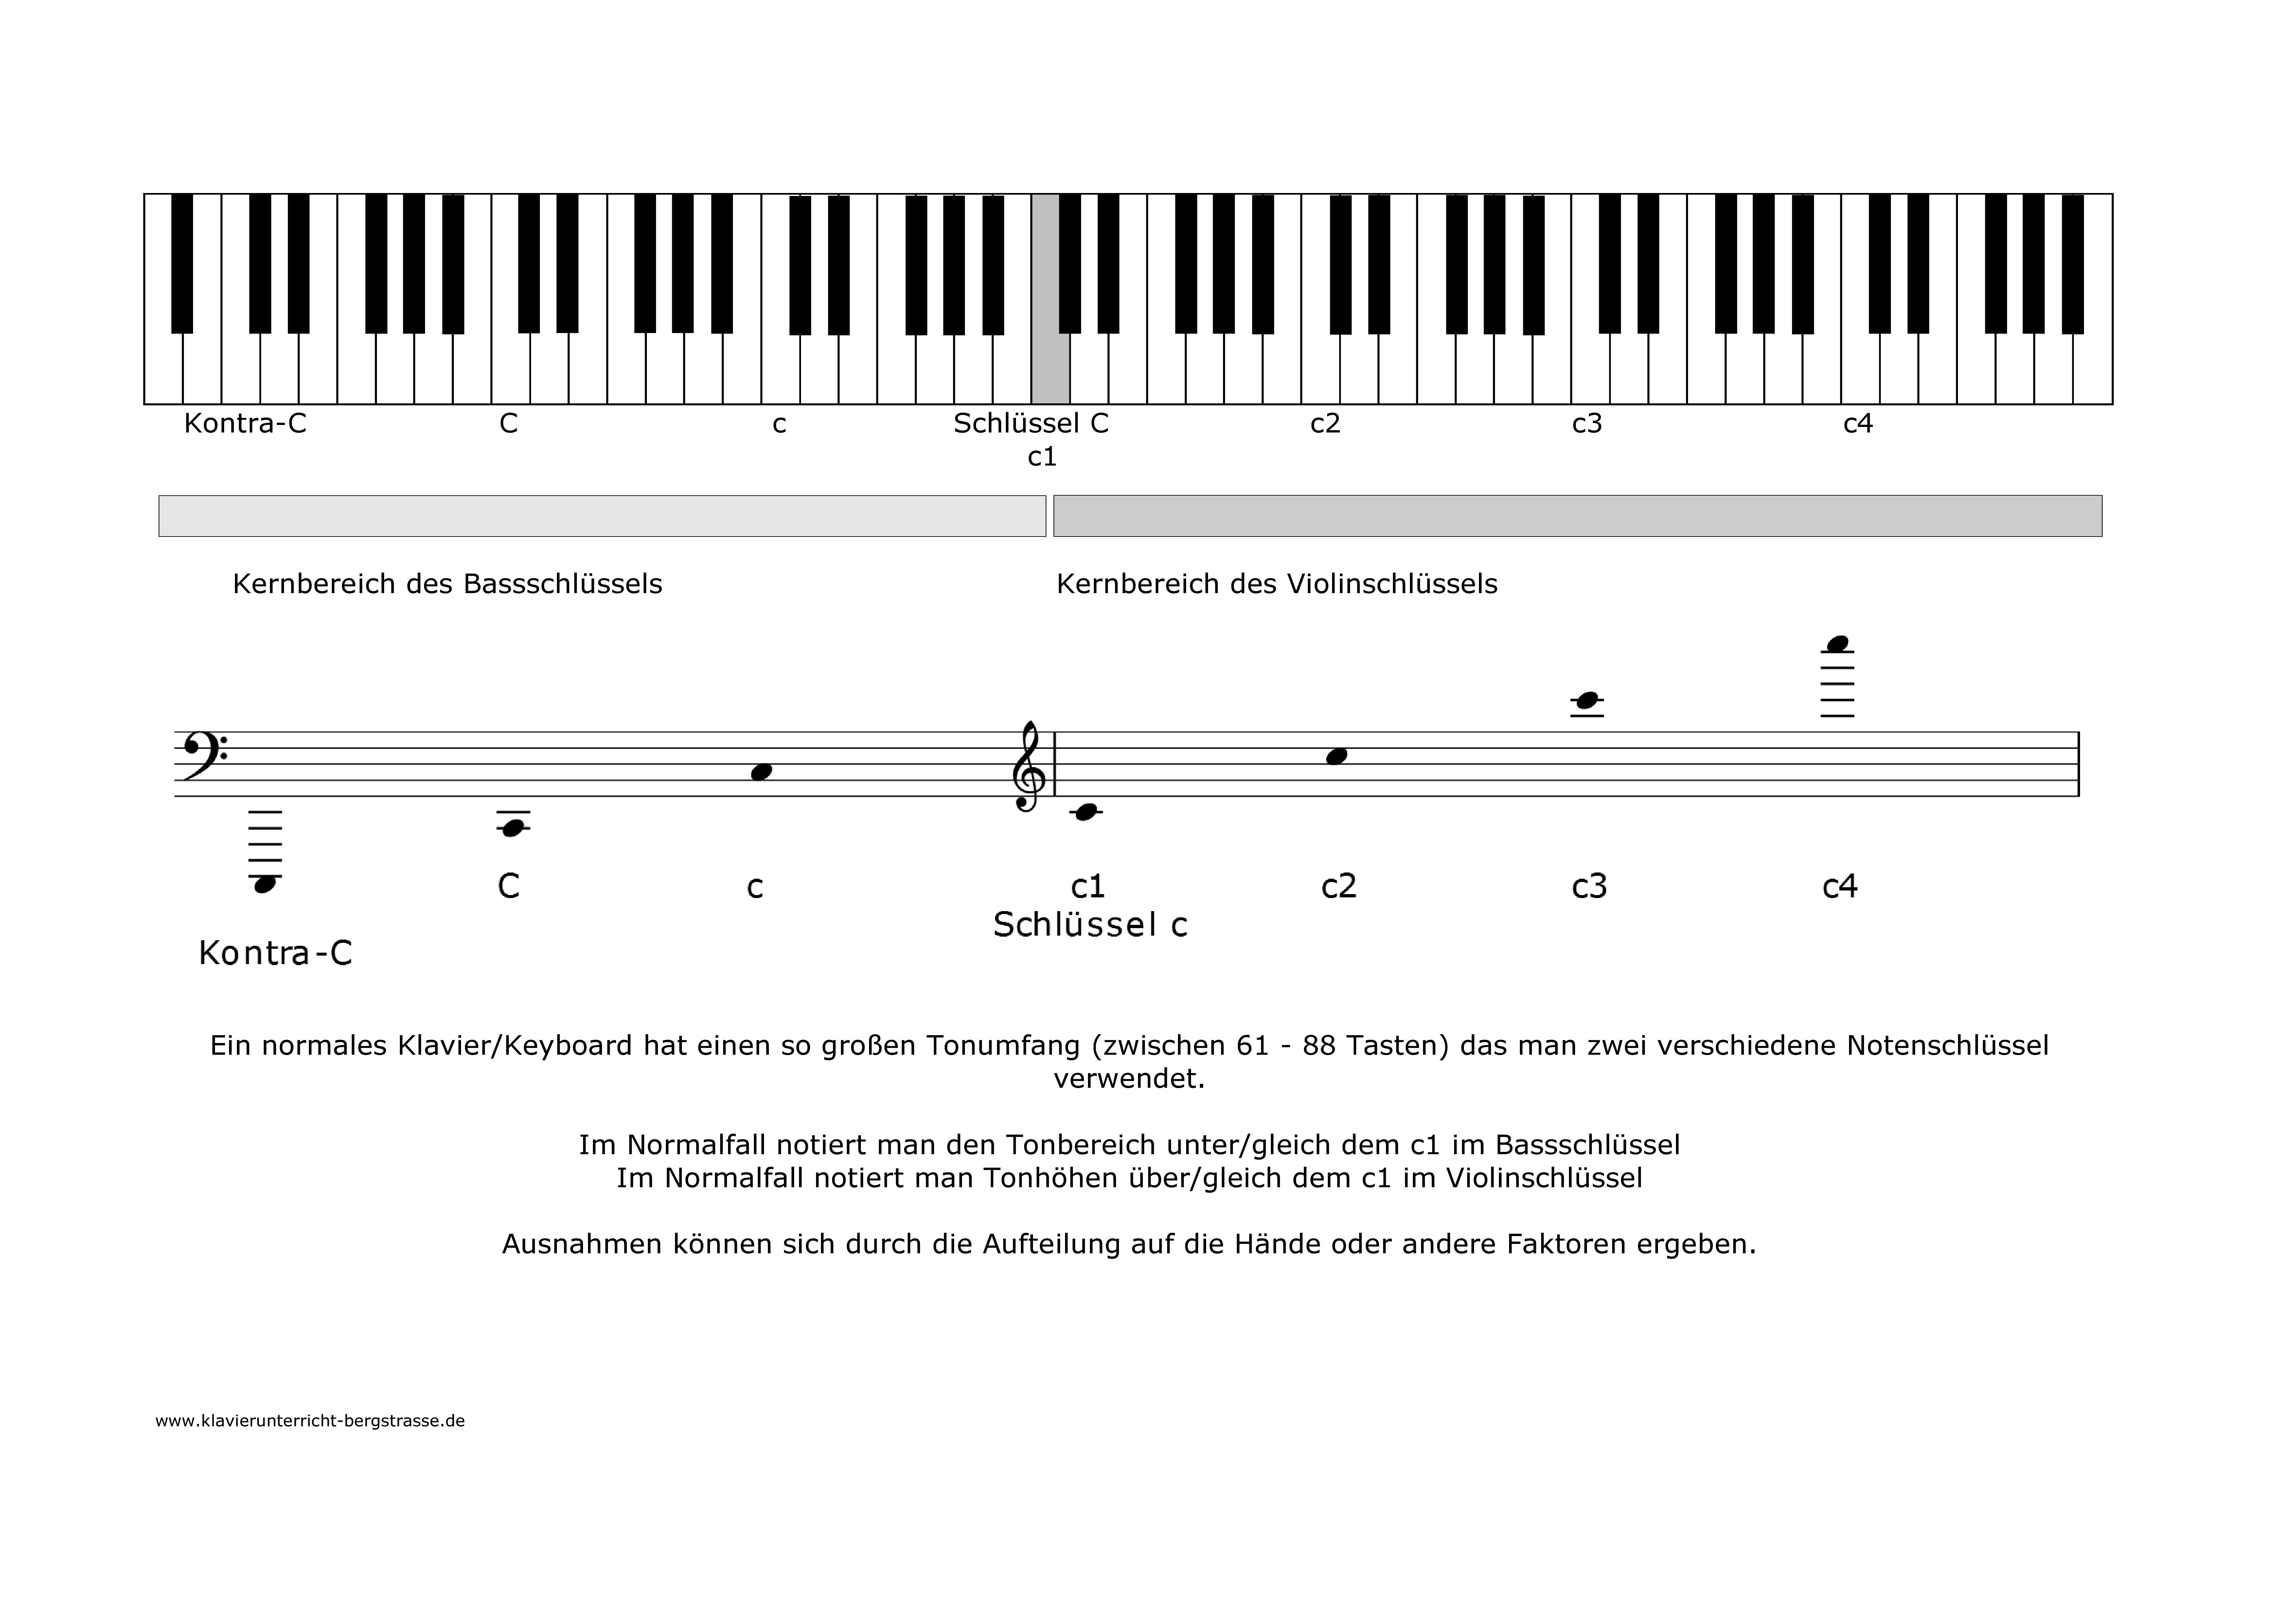 Klaviertastatur, Tonumfang und Notenschlüssel